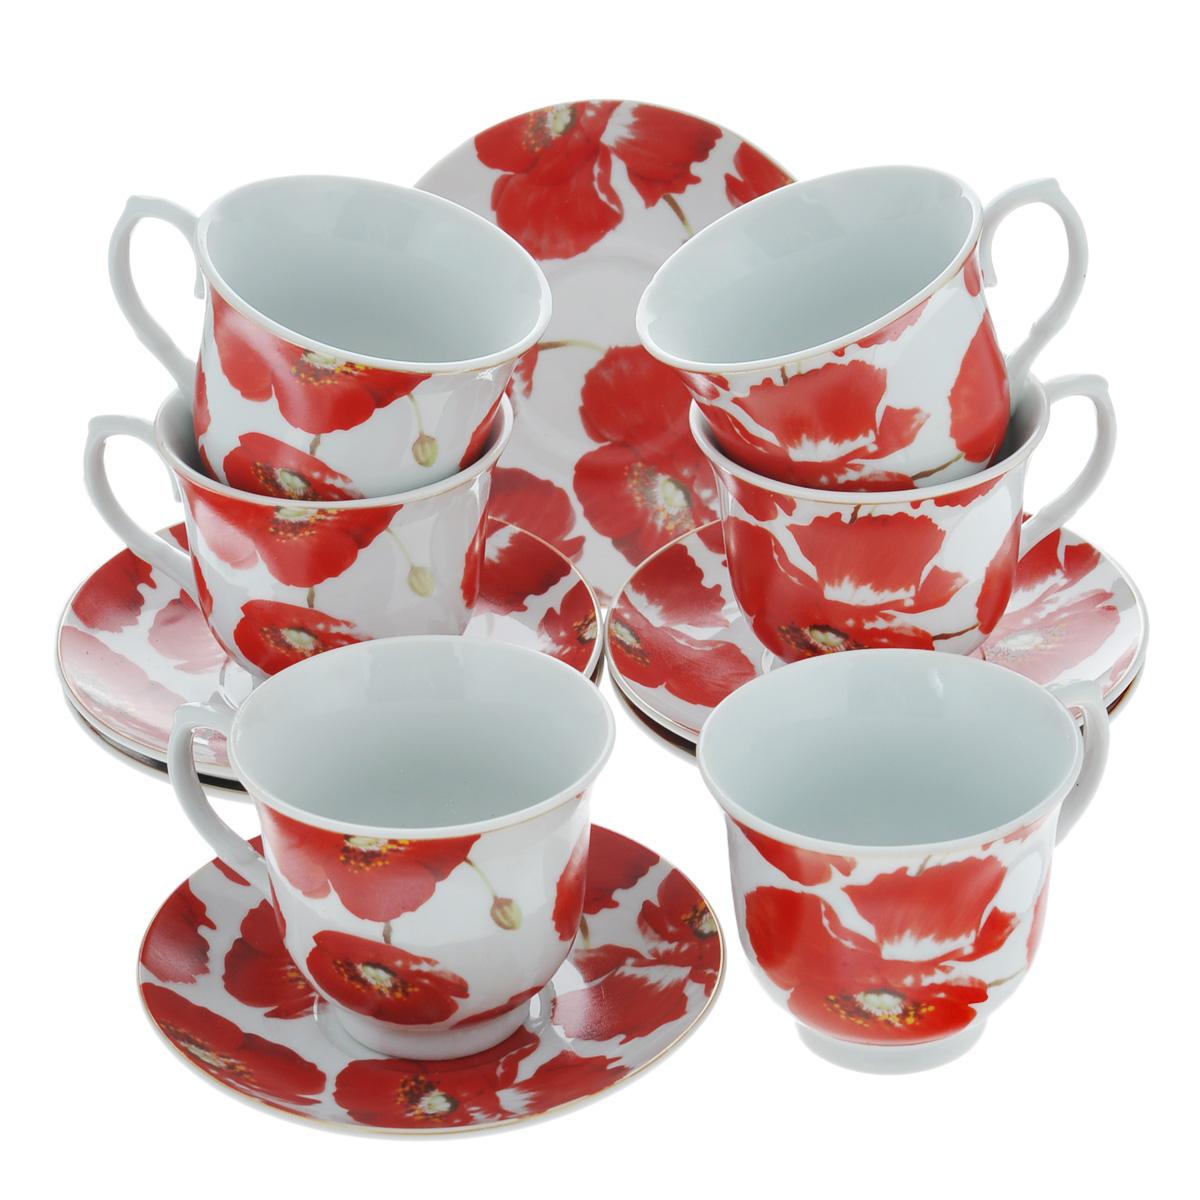 Набор чайный Bekker, 12 предметов. BK-5977VT-1520(SR)Чайный набор Bekker состоит из шести чашек и шести блюдец. Предметы набора изготовлены из высококачественного фарфора белого цвета и украшены ярким изображением красных маков. Чайный набор яркого и в тоже время лаконичного дизайна украсит интерьер кухни и сделает ежедневное чаепитие настоящим праздником.Набор упакован в круглую подарочную картонную коробку золотистого цвета. Подходит для мытья в посудомоечной машине. Объем чашки: 220 мл. Диаметр чашки (по верхнему краю): 9 см. Высота чашки: 7,5 см. Диаметр блюдца: 14 см.